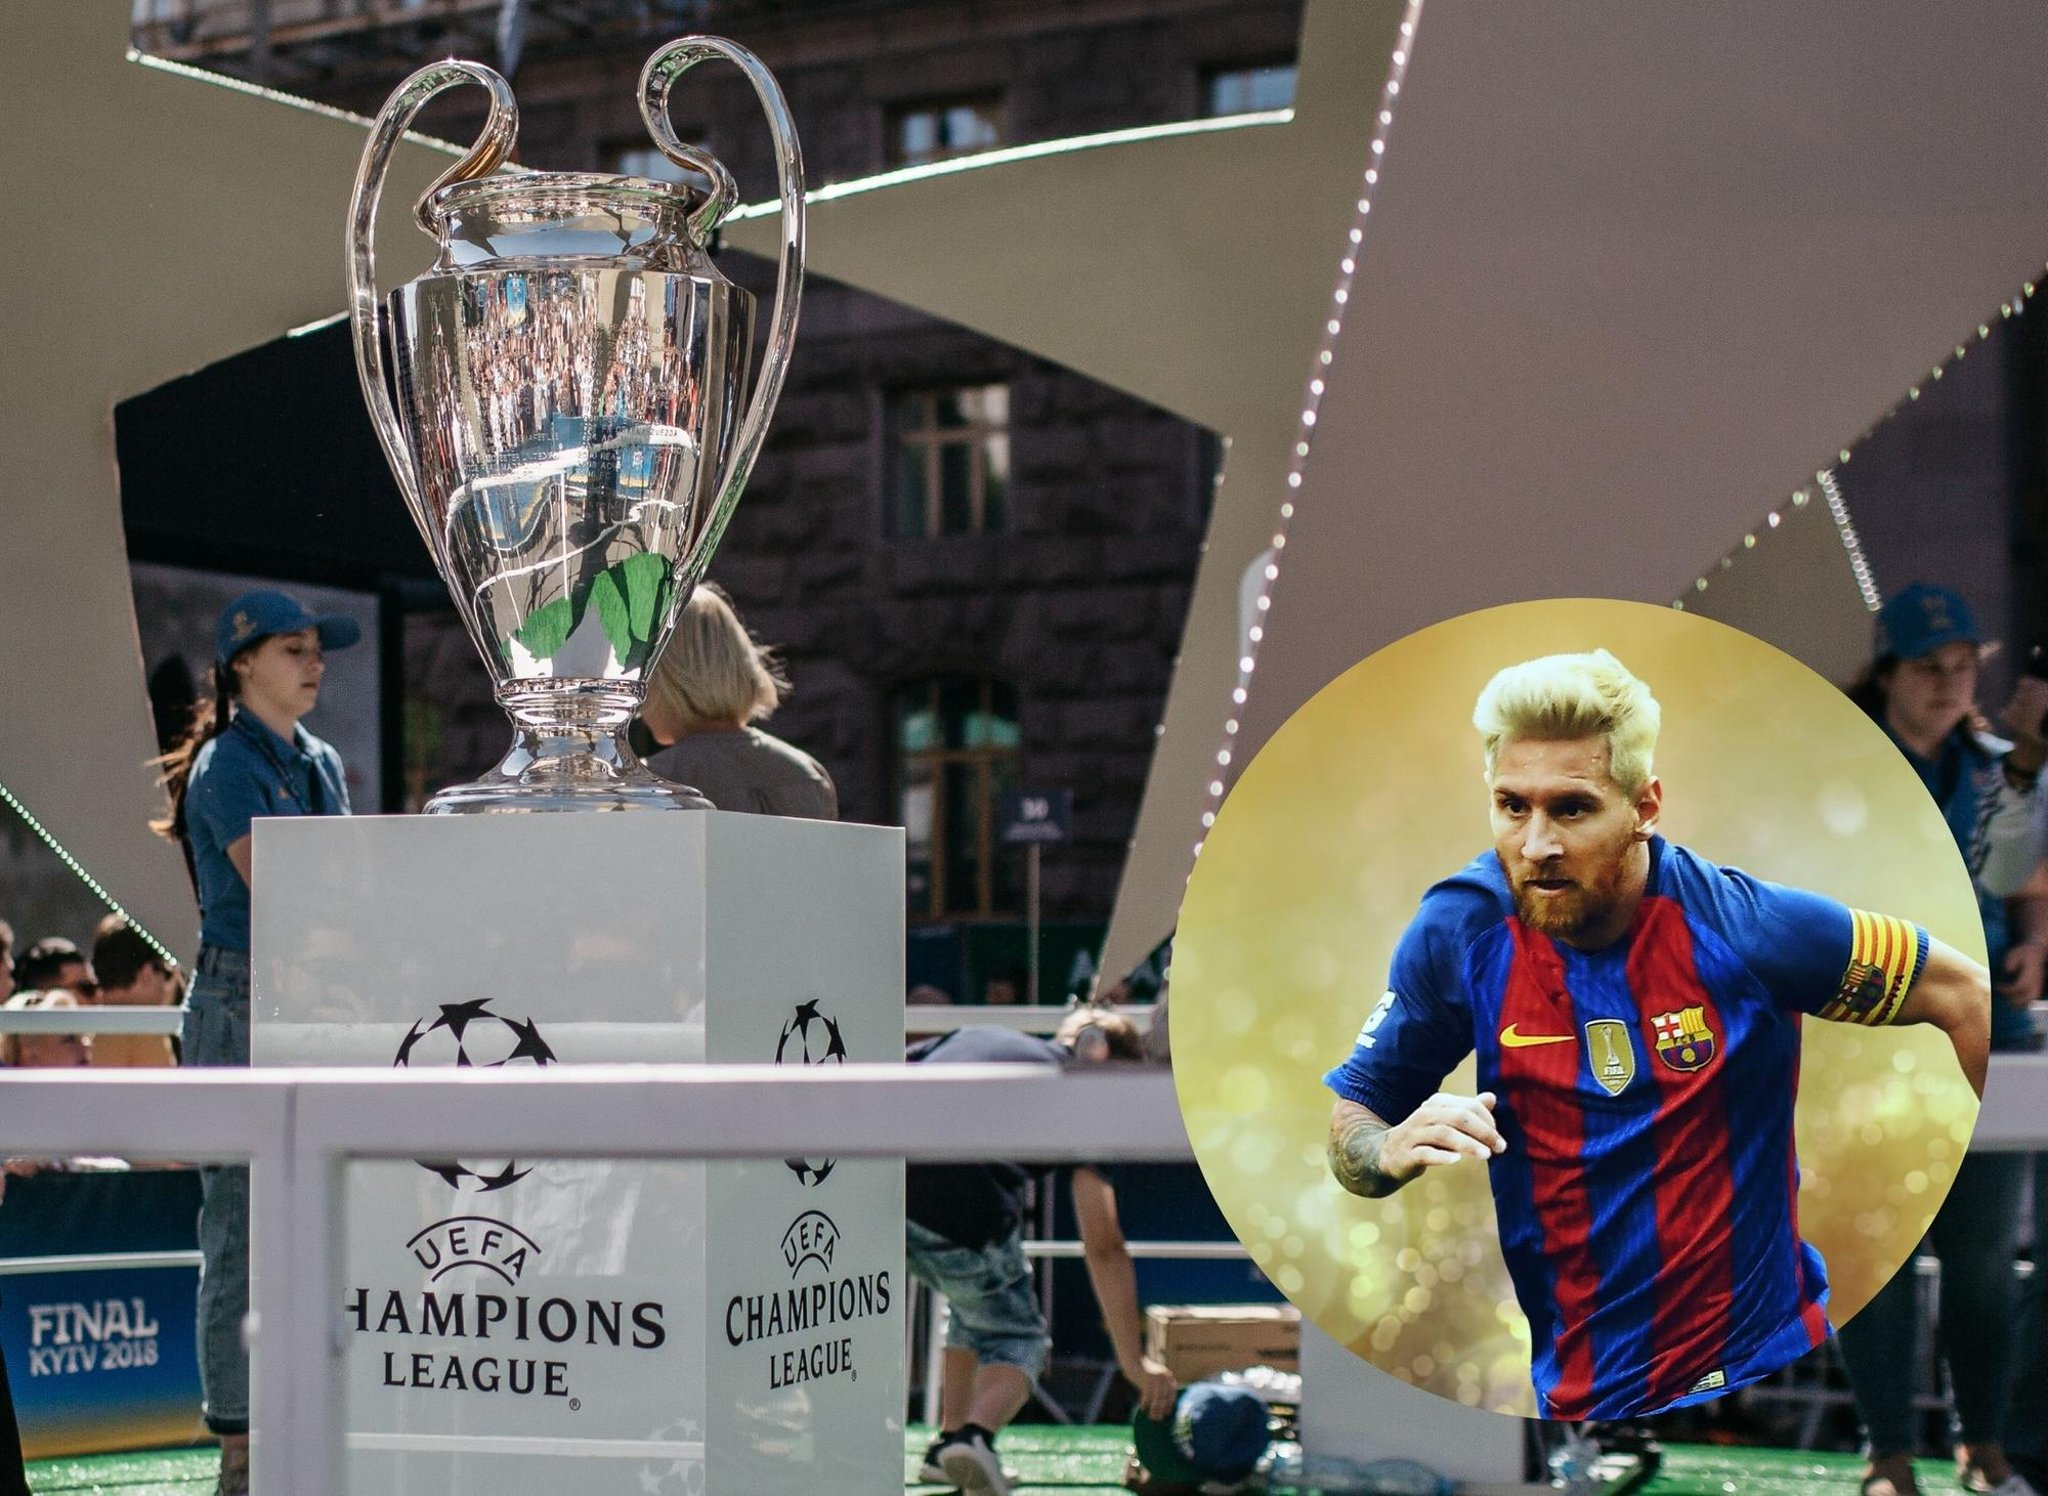 Liga Champions UEFA: Jadwal, jadwal BT Sport TV, pertandingan Liga Champions UEFA mana yang ditayangkan secara langsung, semua waktu kick-off dan cara menonton